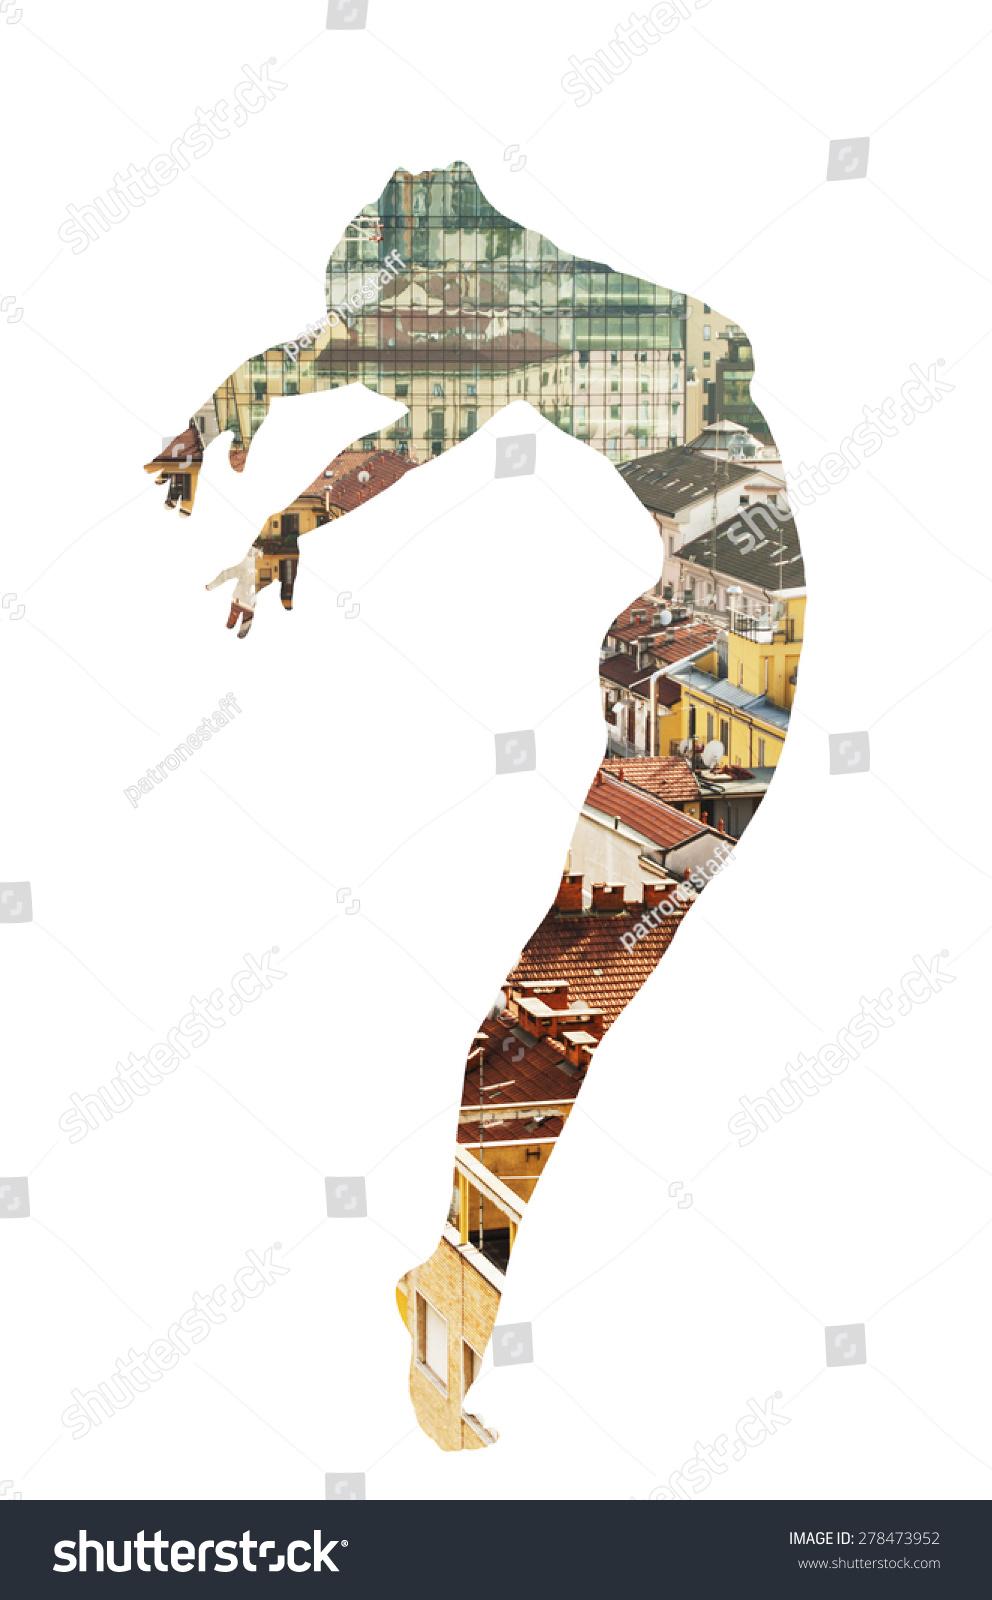 古典舞和城市景观的双重曝光-人物,抽象-海洛创意()-.